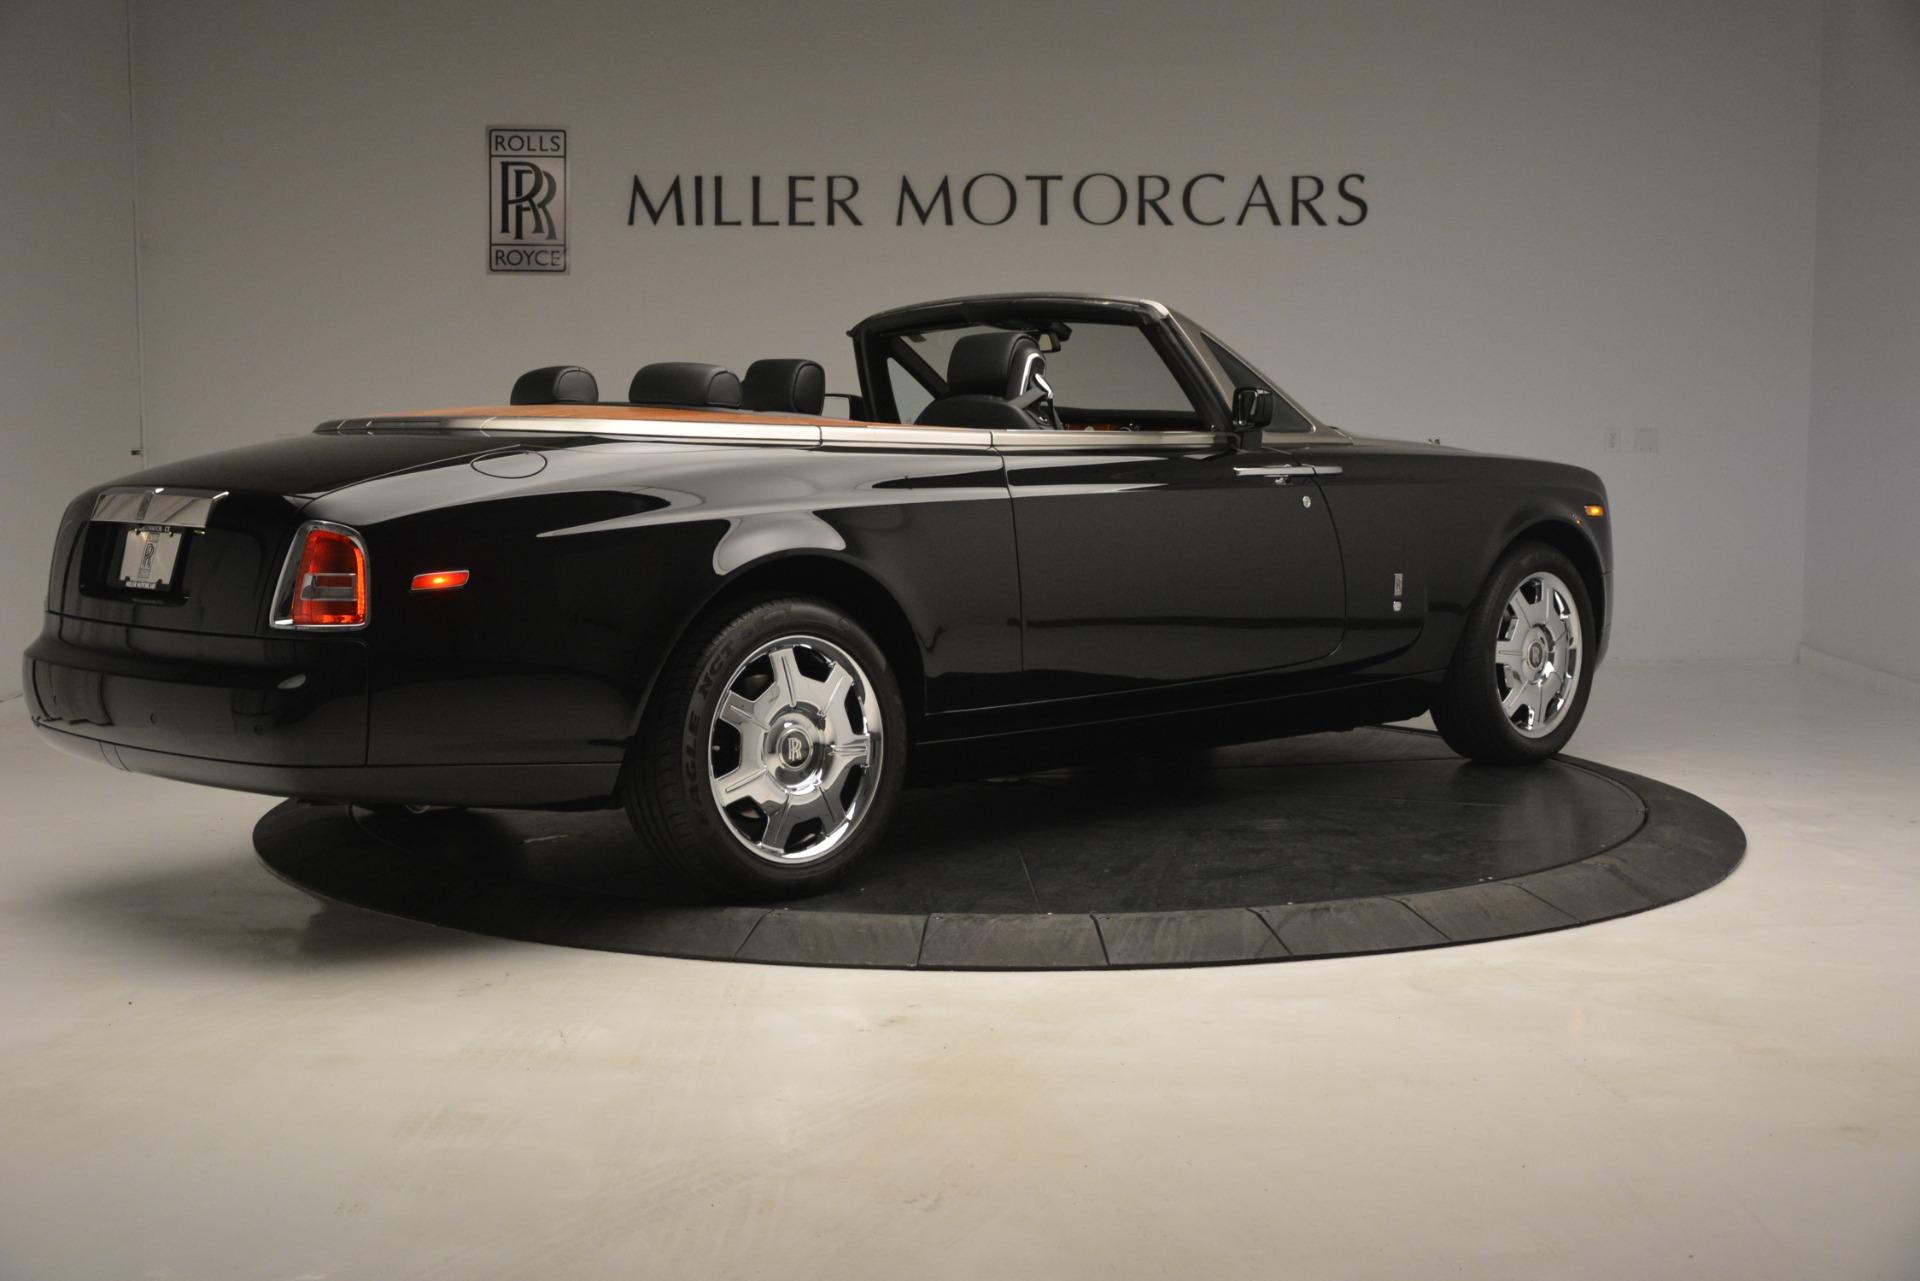 Used 2008 Rolls-Royce Phantom Drophead Coupe  For Sale In Westport, CT 3000_p12